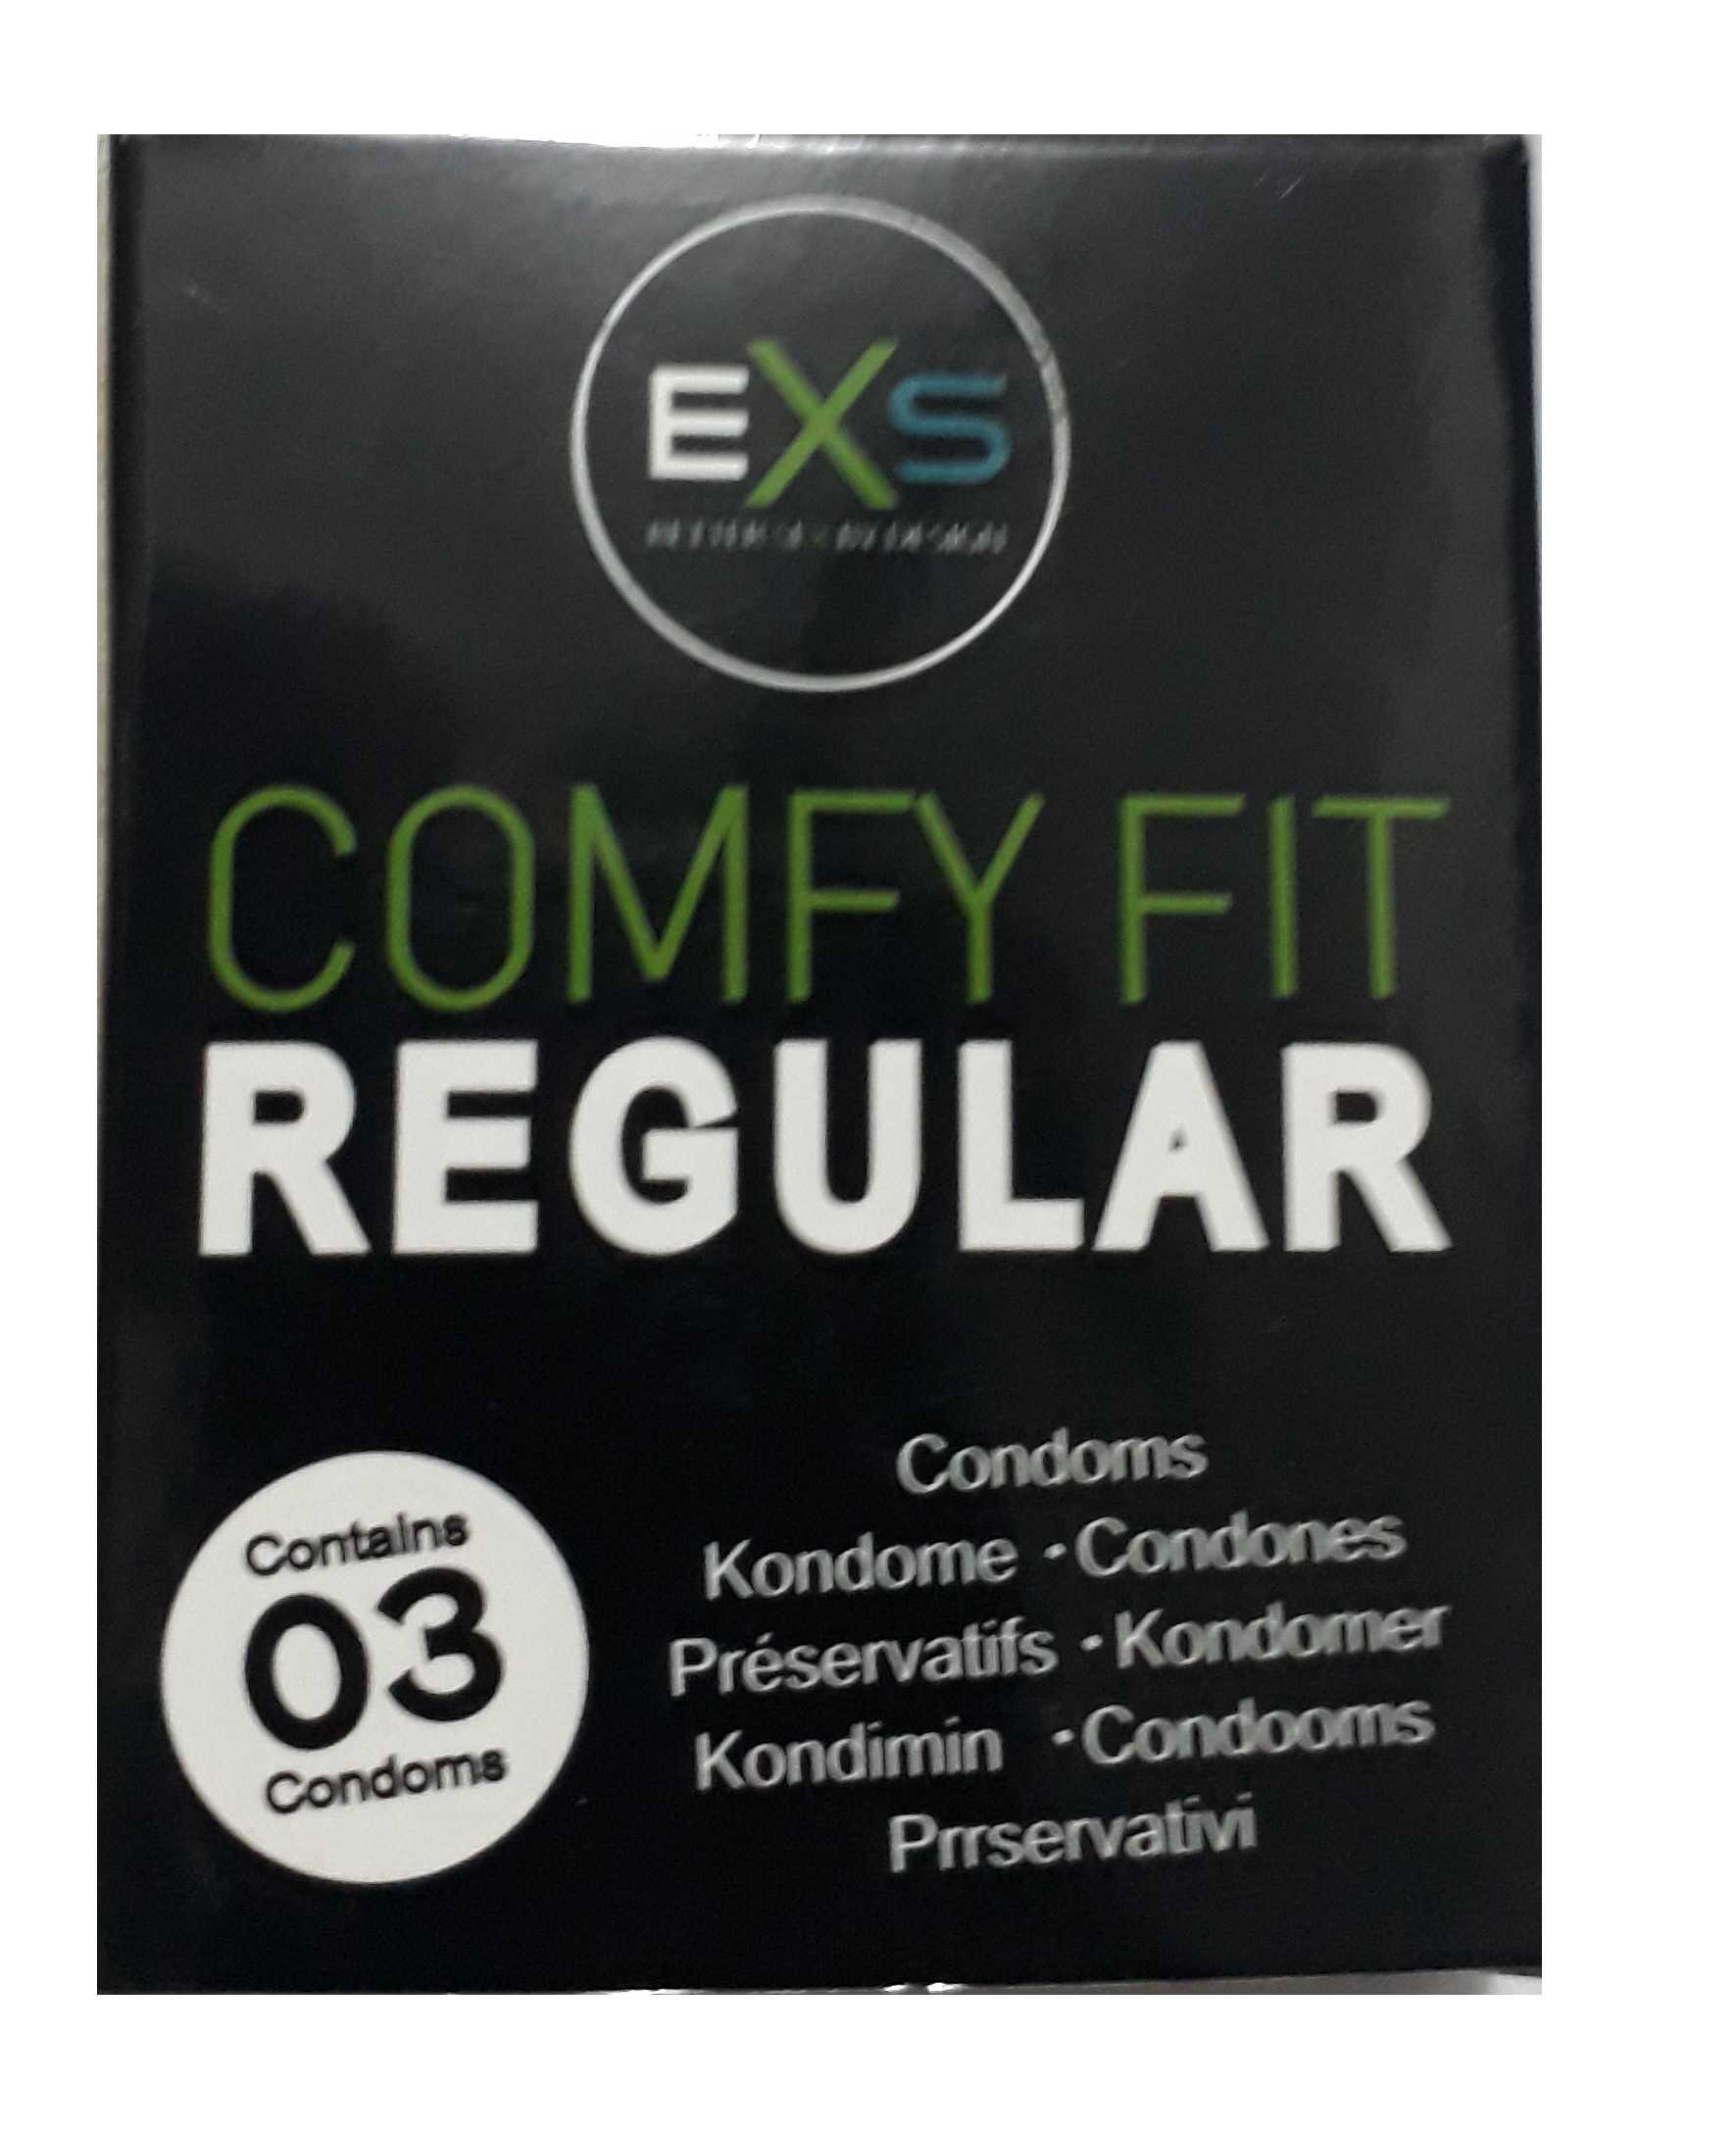 R1 Exs Regular Comfy Fit Condoms 3 Pcs